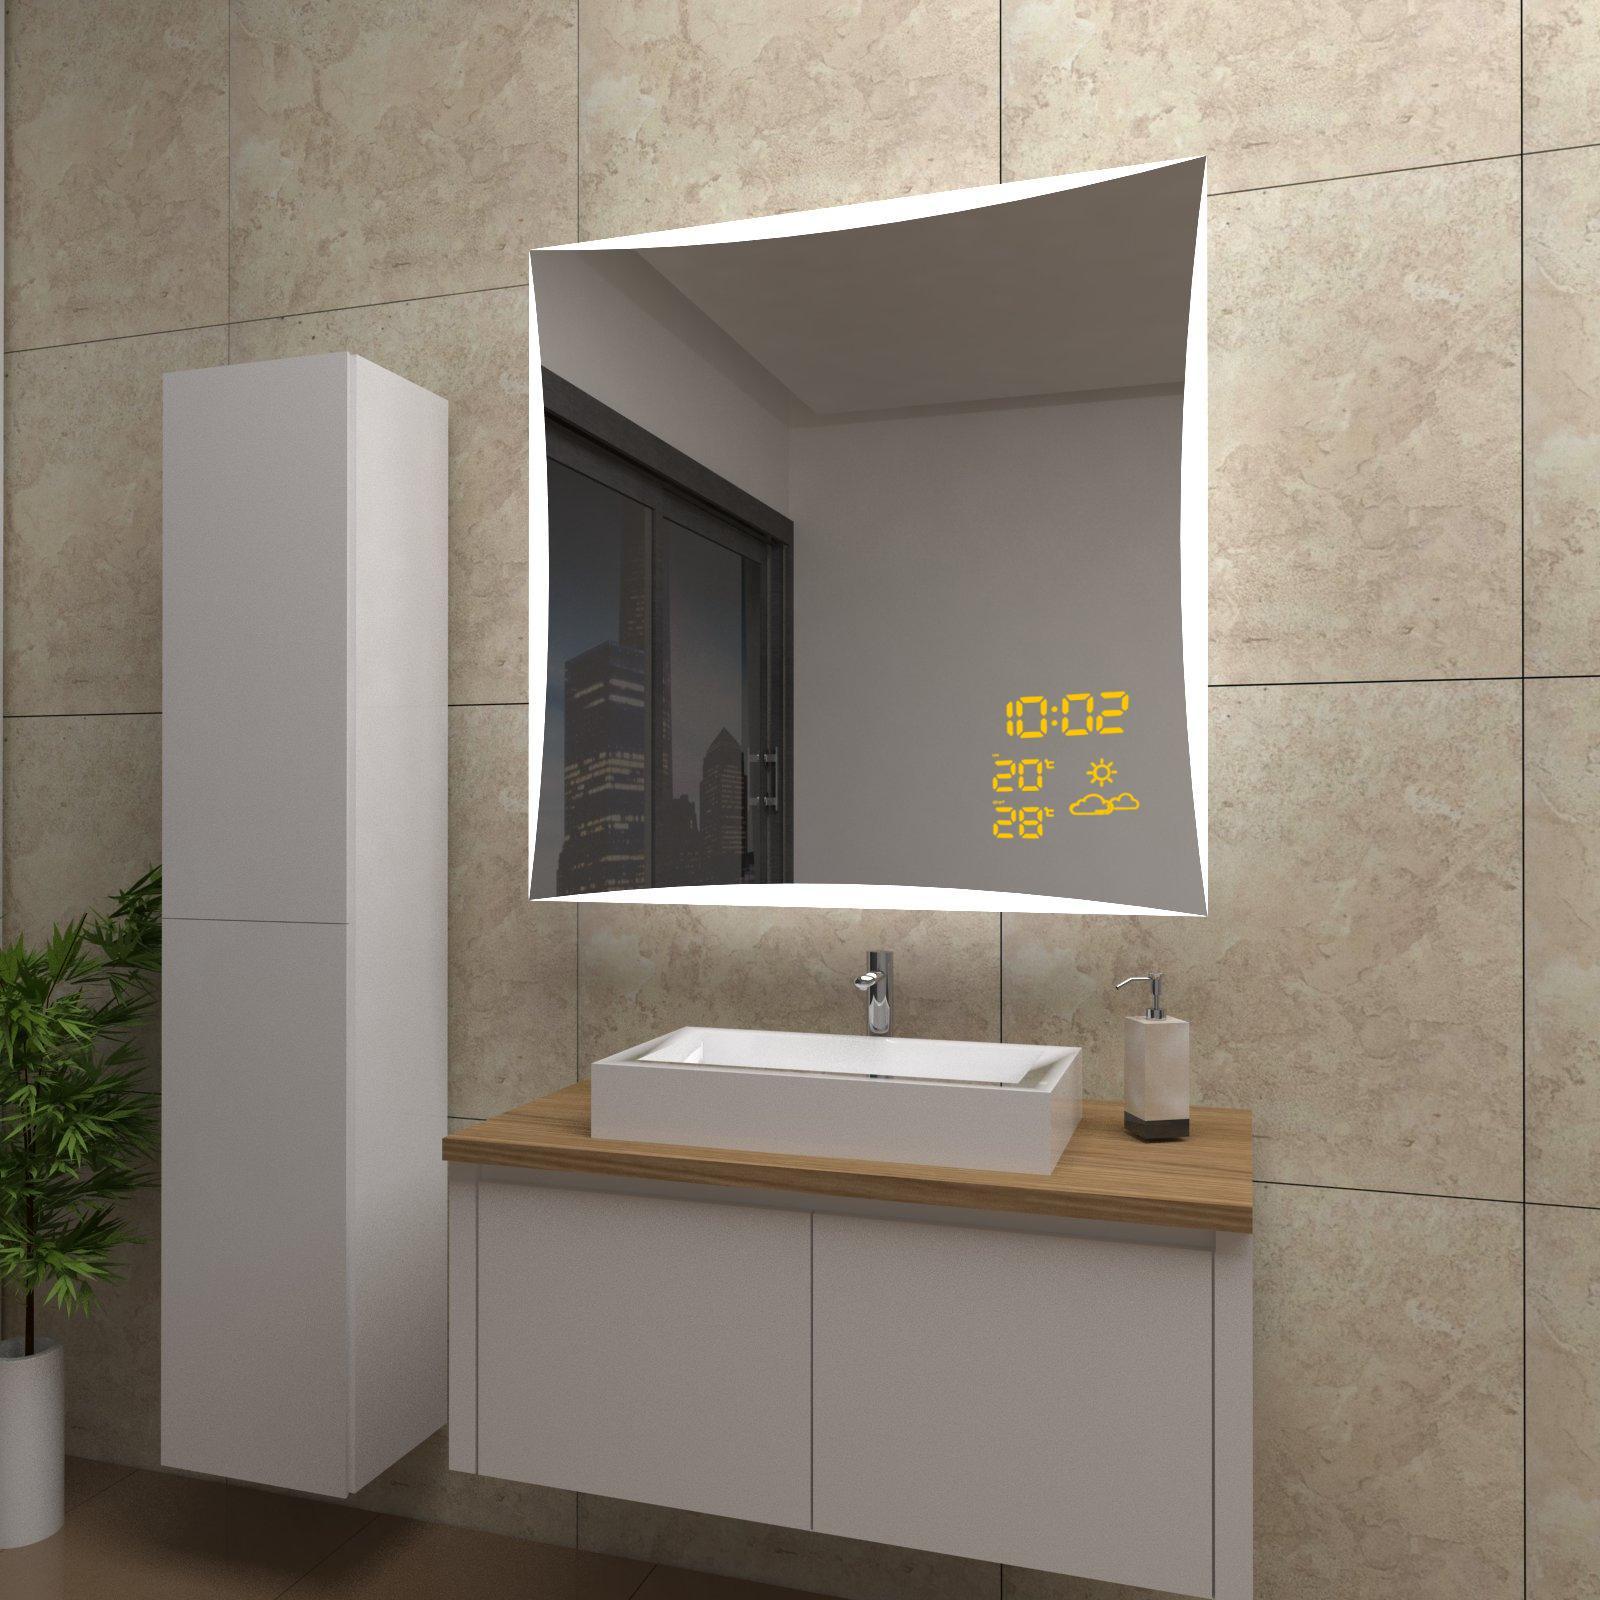 spiegel-quinn-mit-led-beleuchtung-und-wetterstation-inkl-uhr_800x800@2x Stilvolle Spiegel Mit Integrierter Beleuchtung Dekorationen